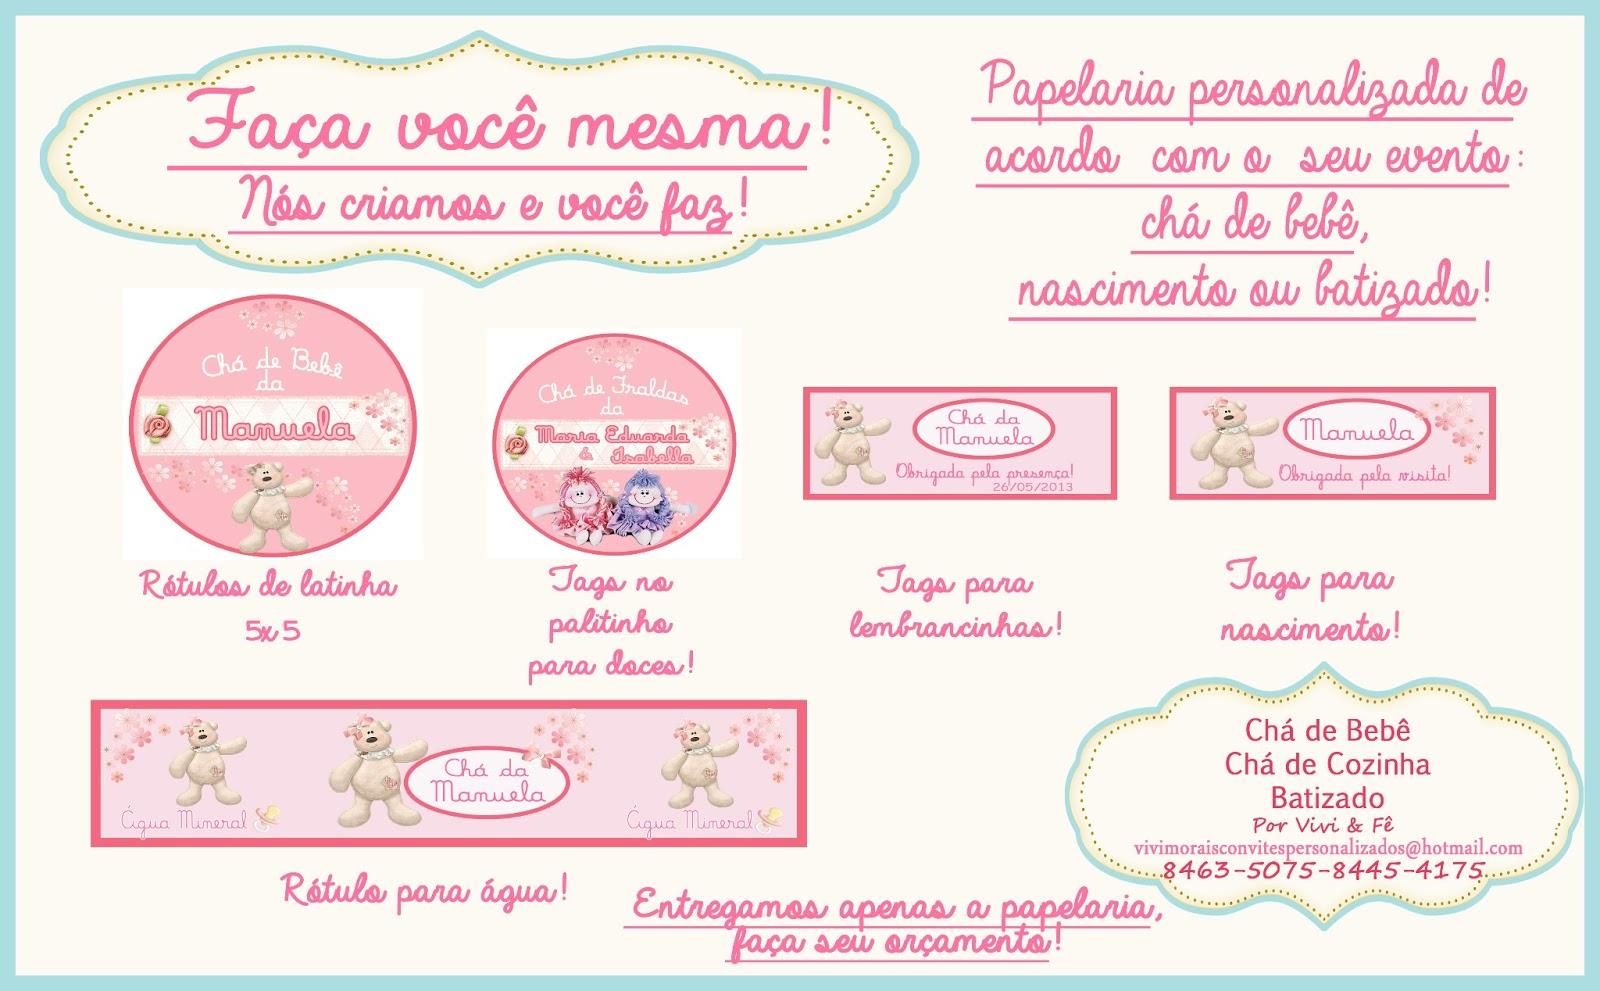 Super Chá & Chás - por Vivi & Fê: Papelaria para seu bebê! RM74